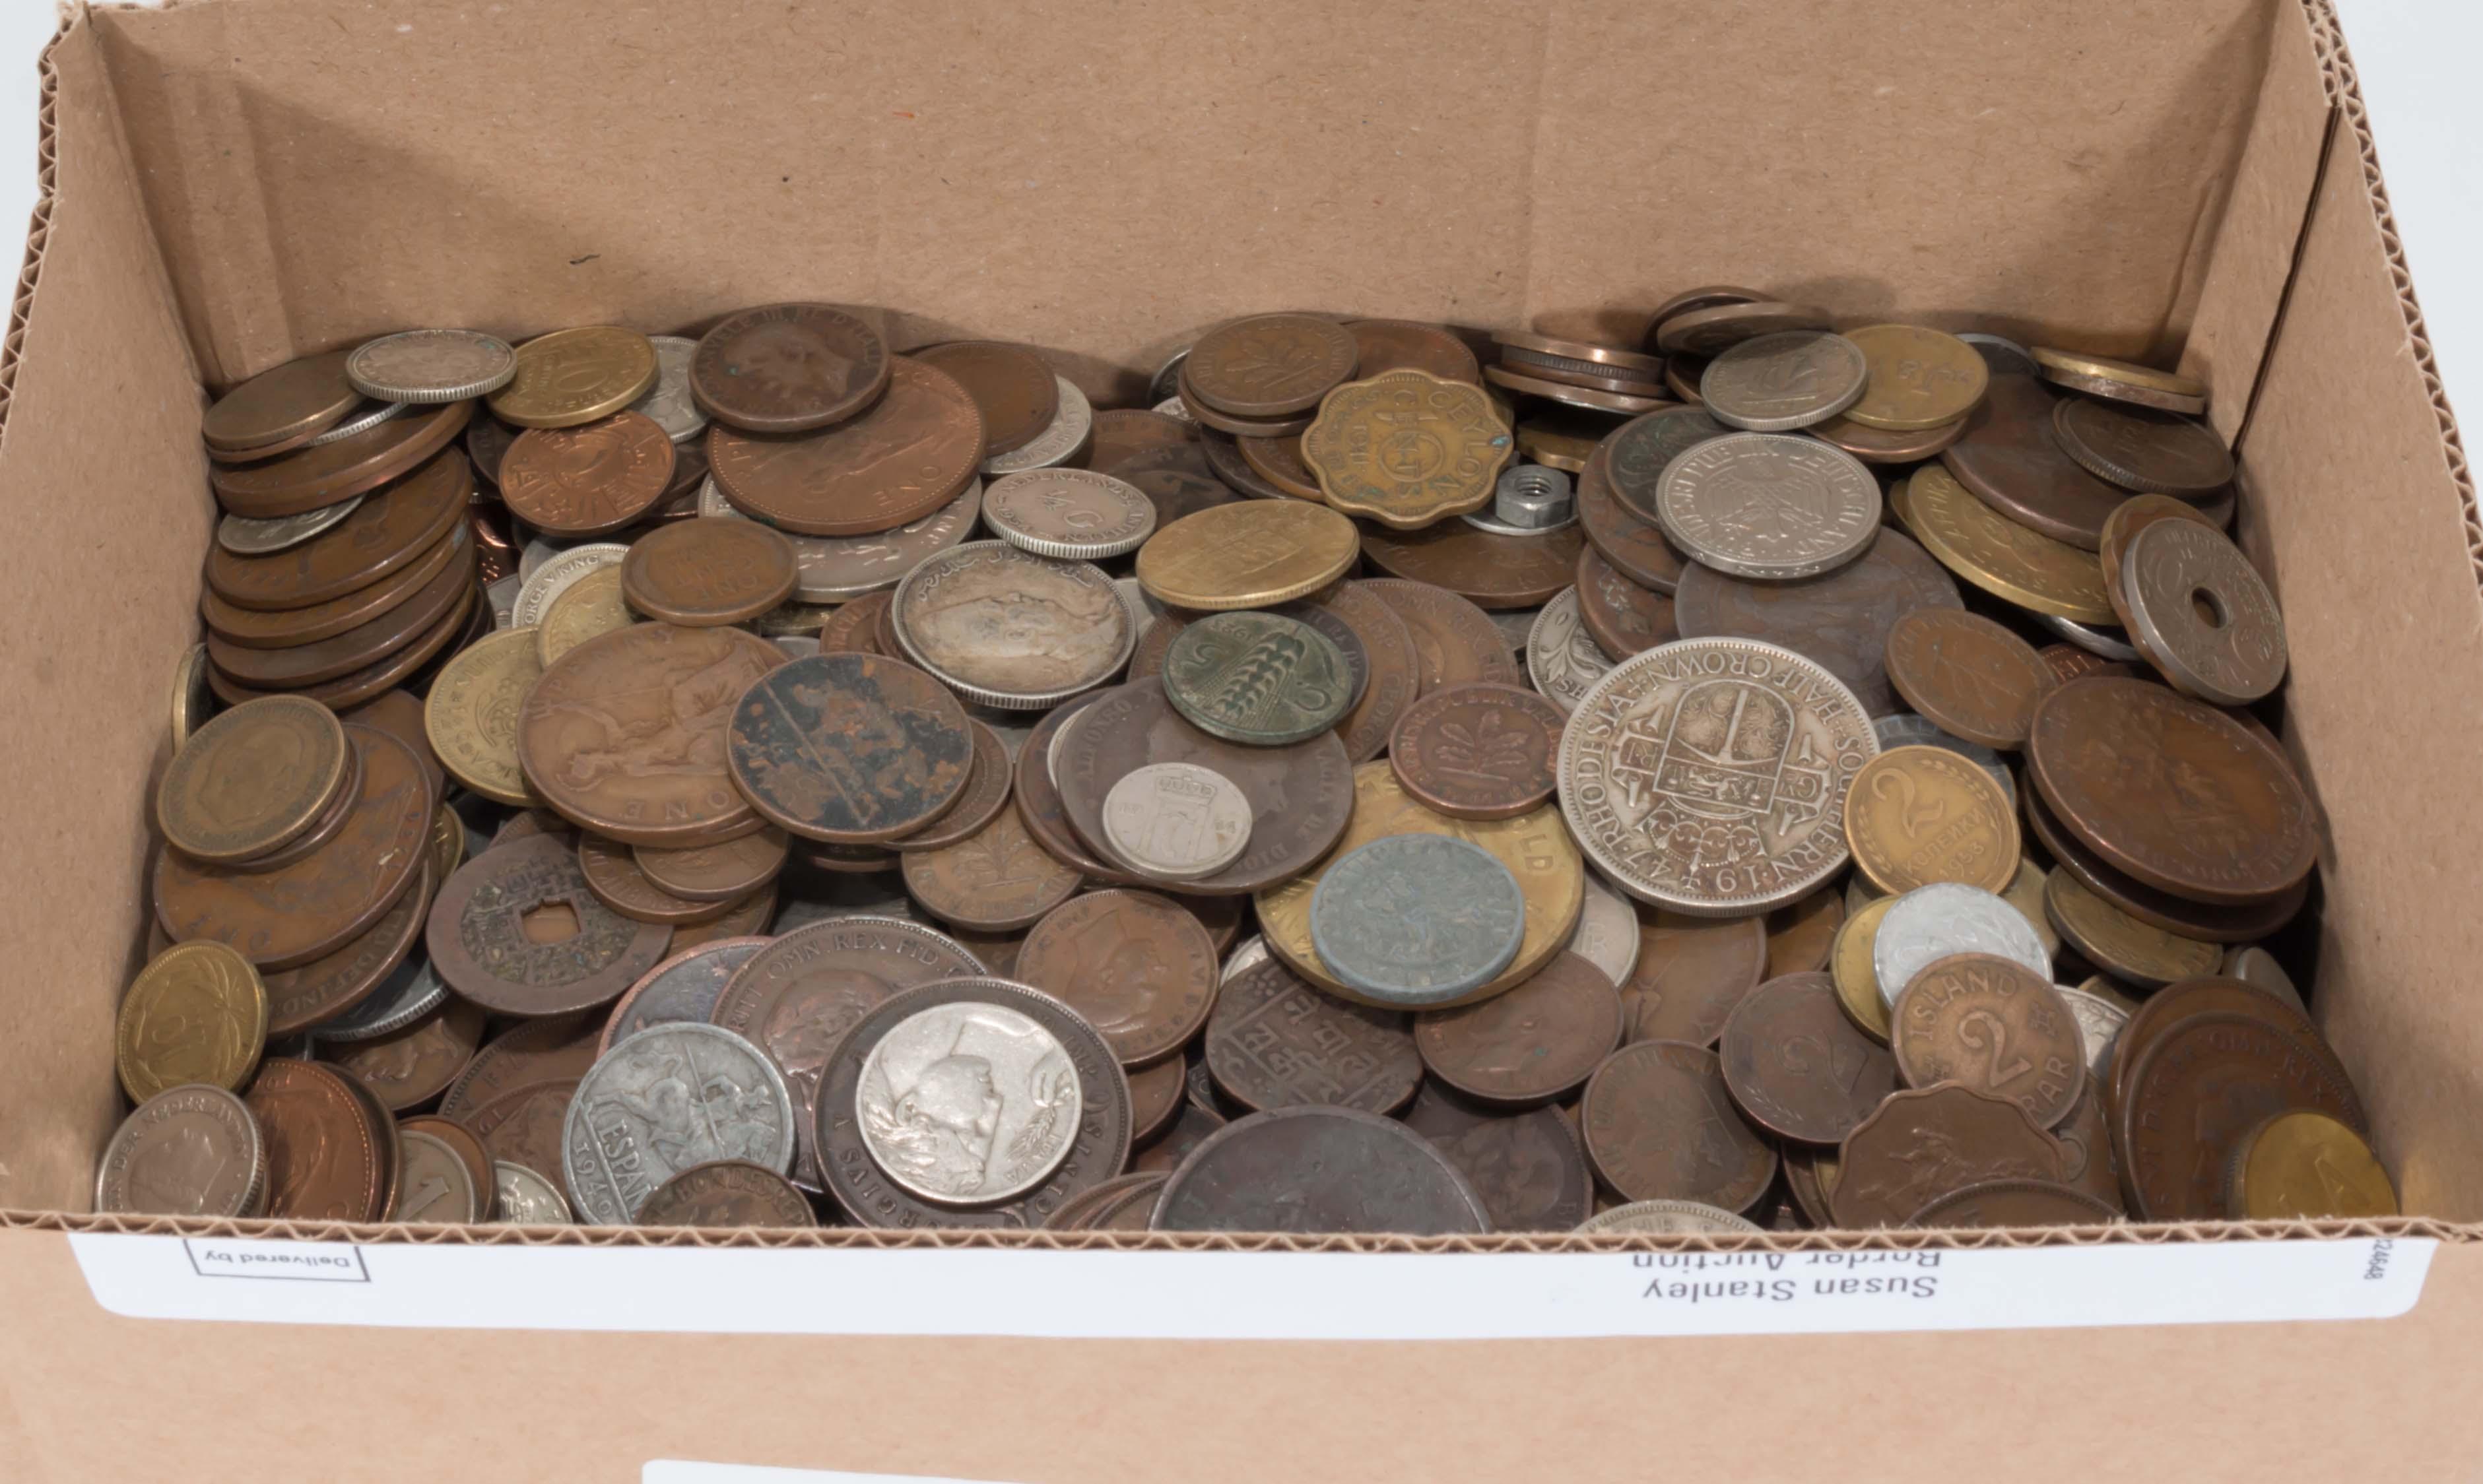 Lot 275 - A quantity of coins